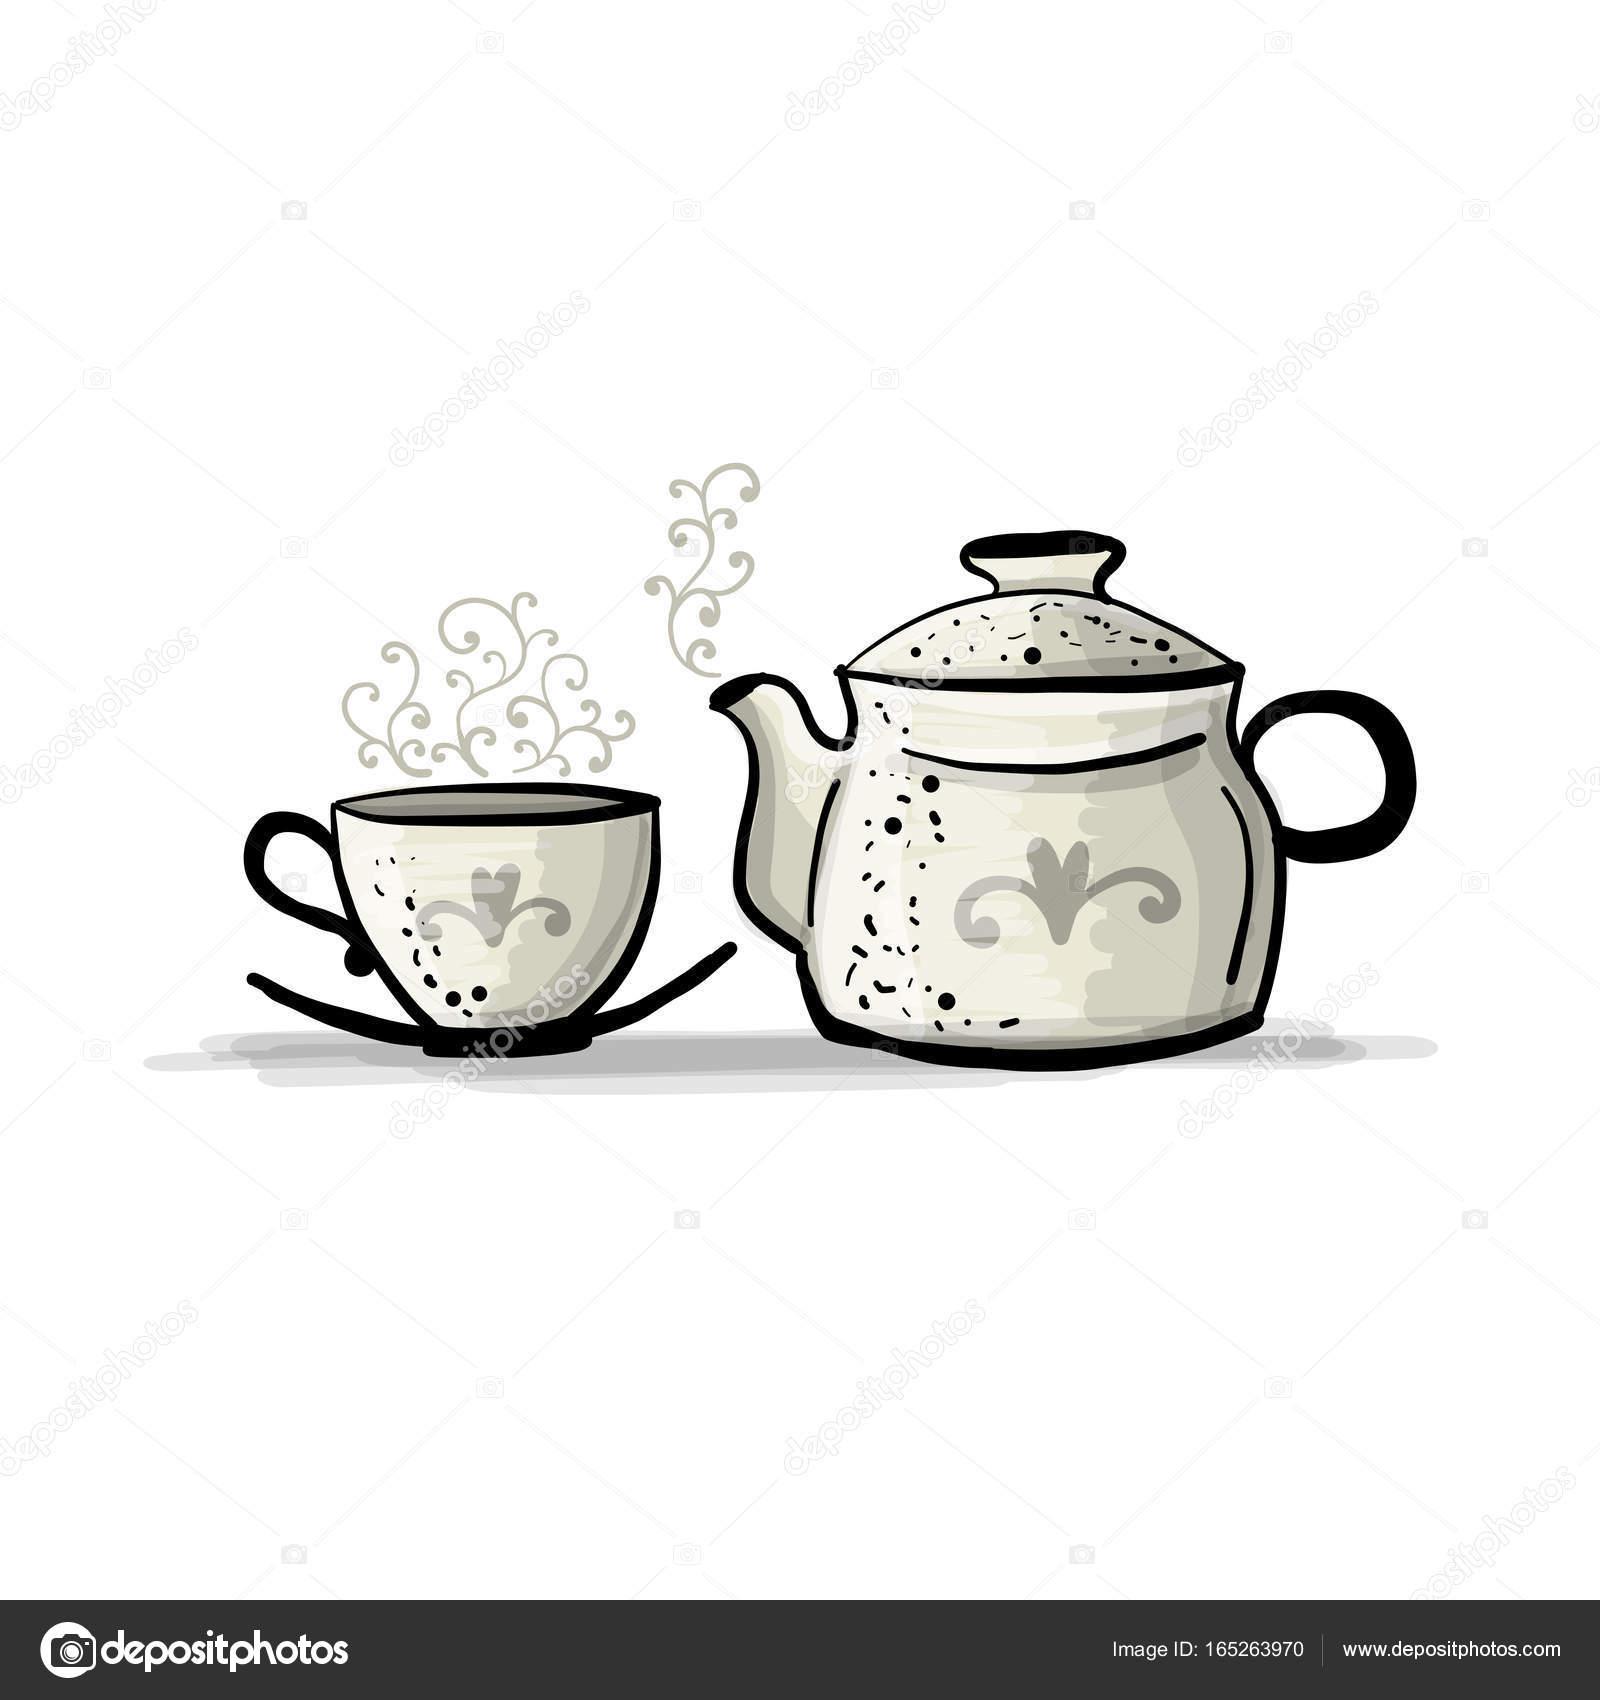 keramik teekanne mit tasse skizze für ihr design